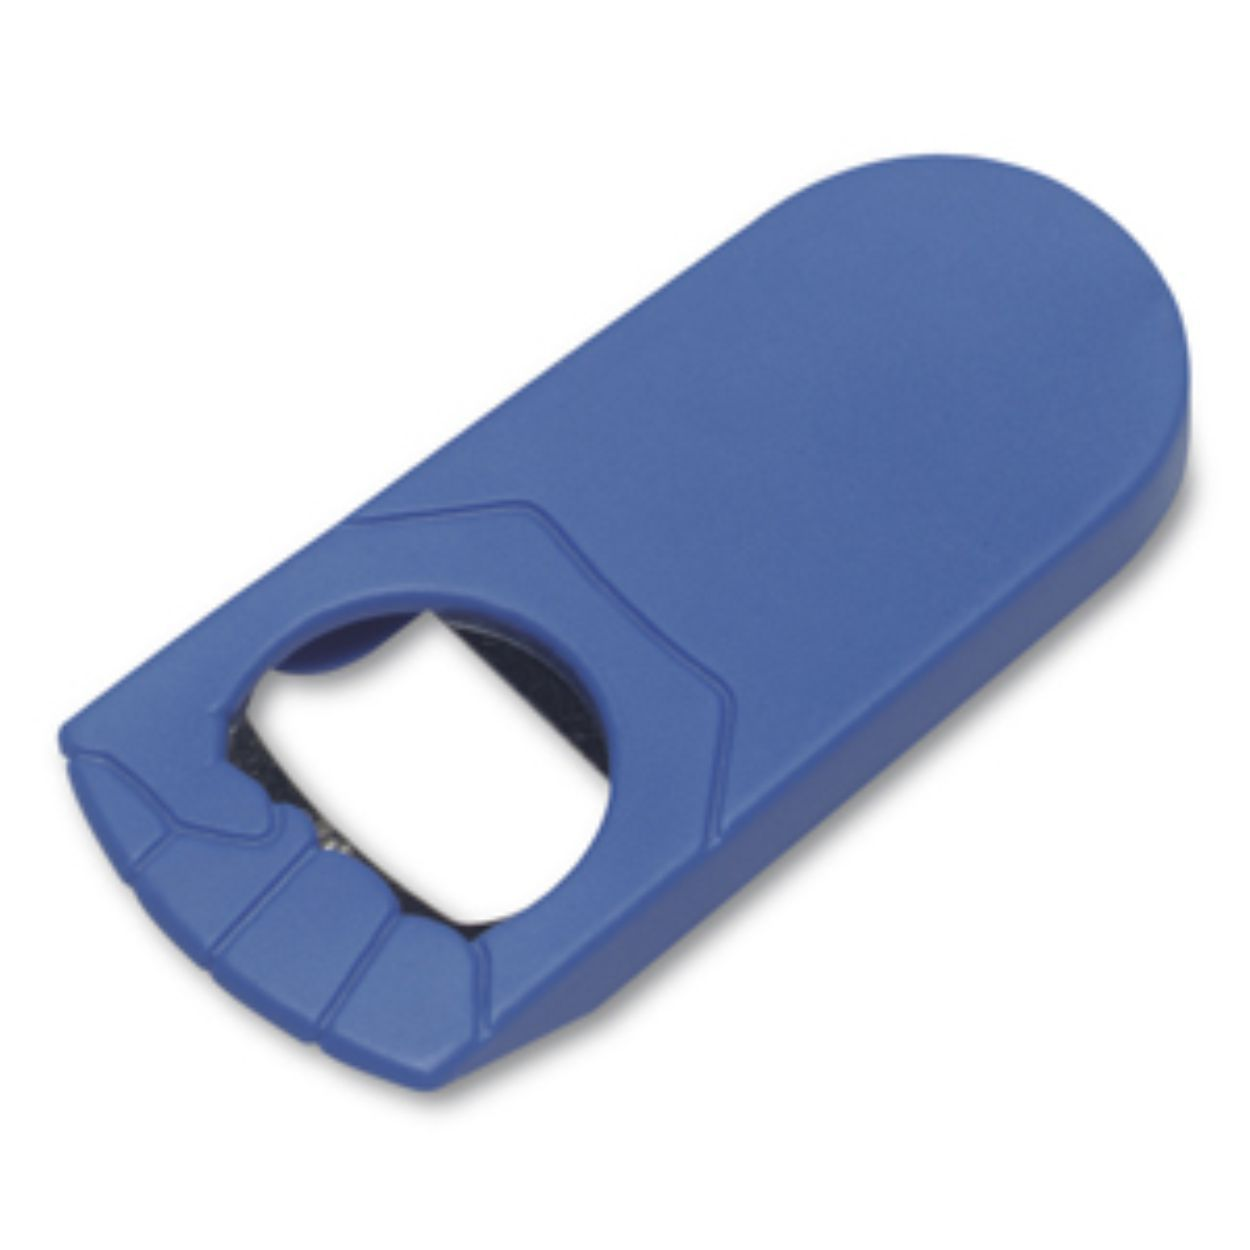 Синяя открывашка Кулачок